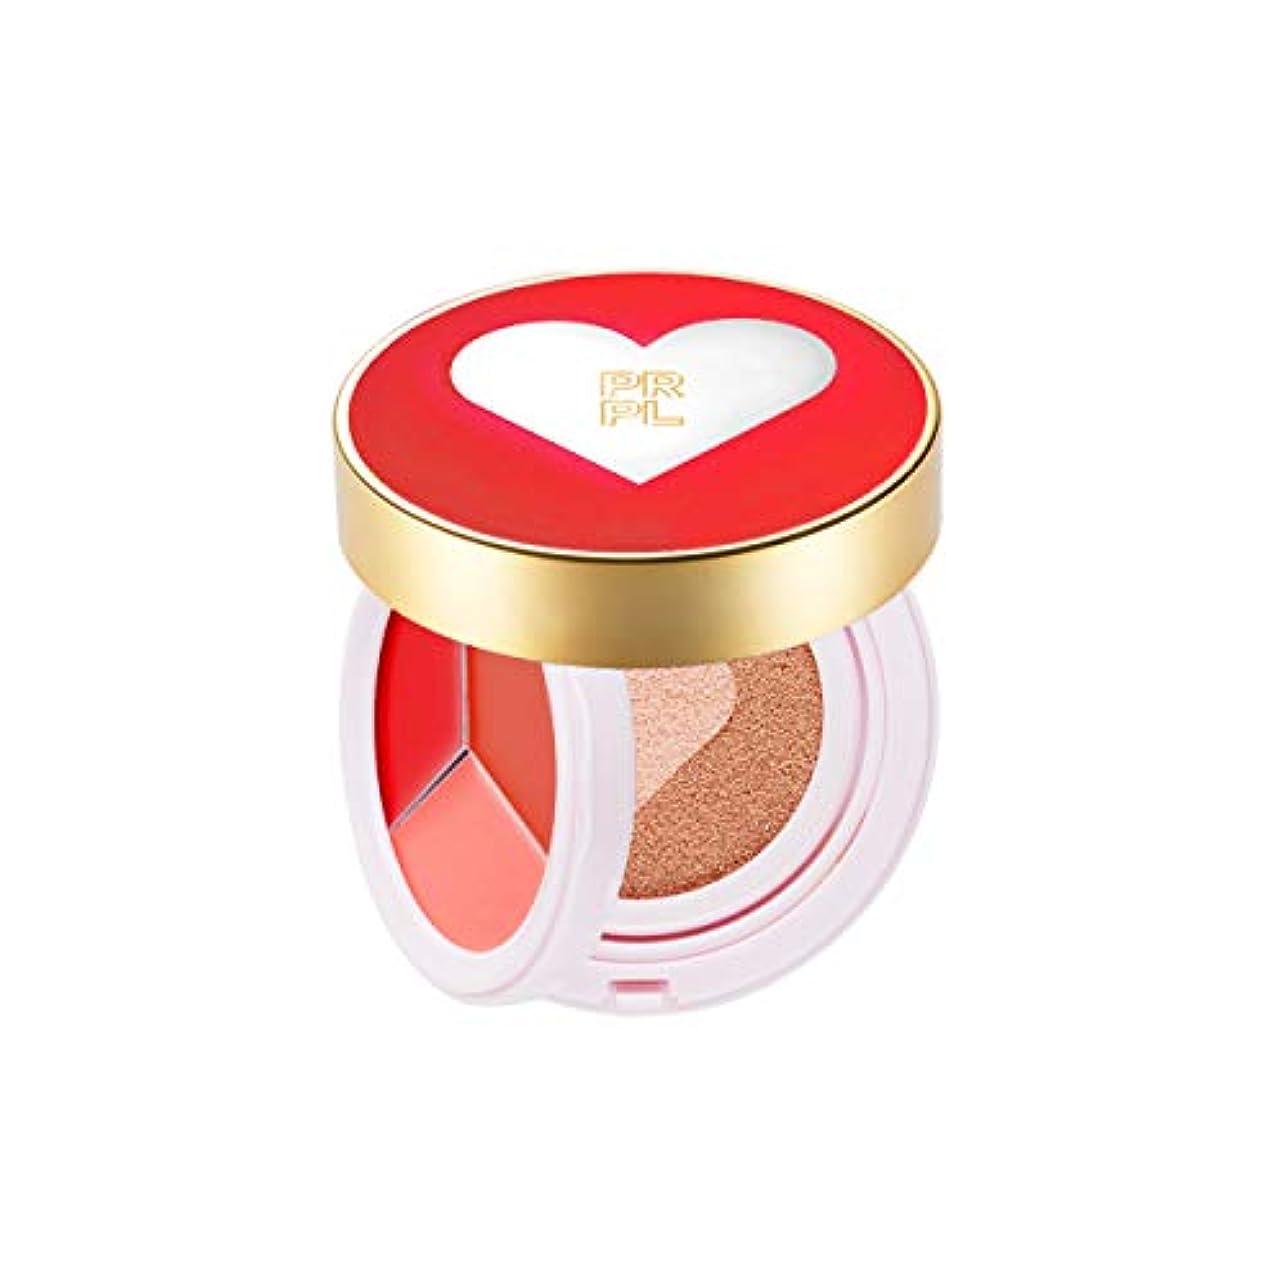 粒麻痺伝導PRPL Kiss and Heart Double Cushion (Red Edition) #21 Pure Ivory - Korean Make-up, Cushion Foundation, Korean Beauty...